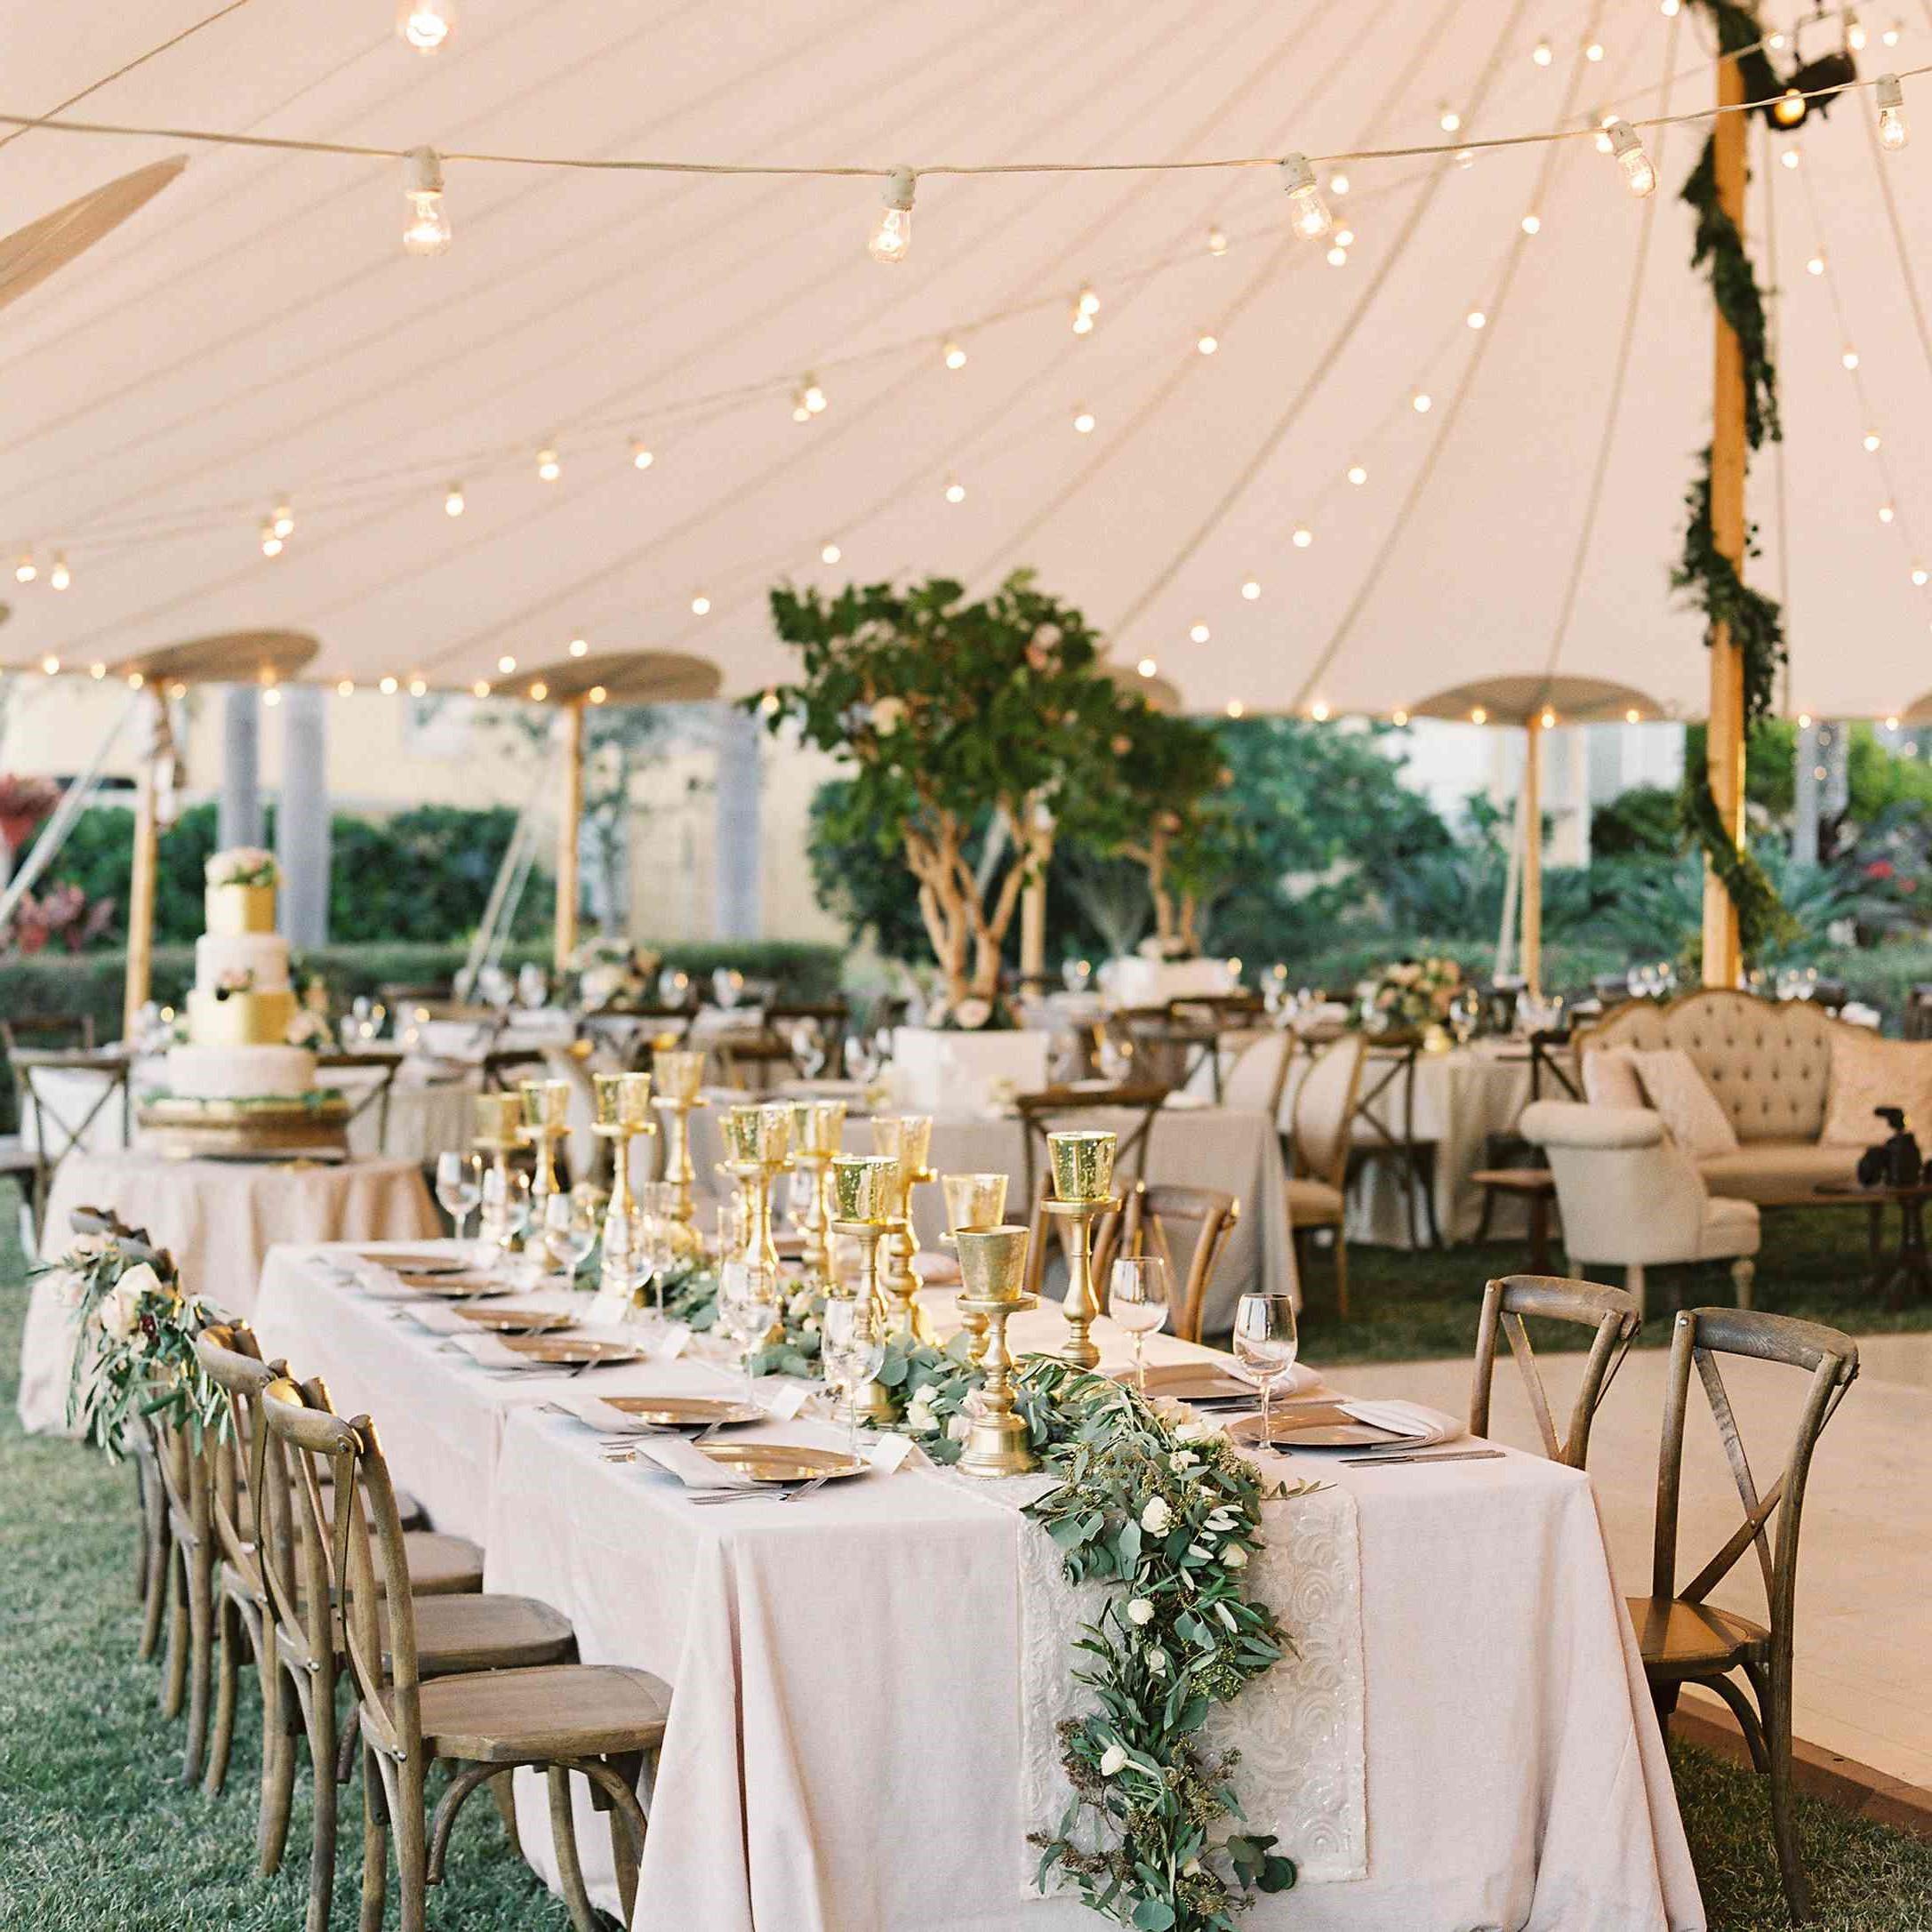 Réception de mariage en plein air sous une tente.